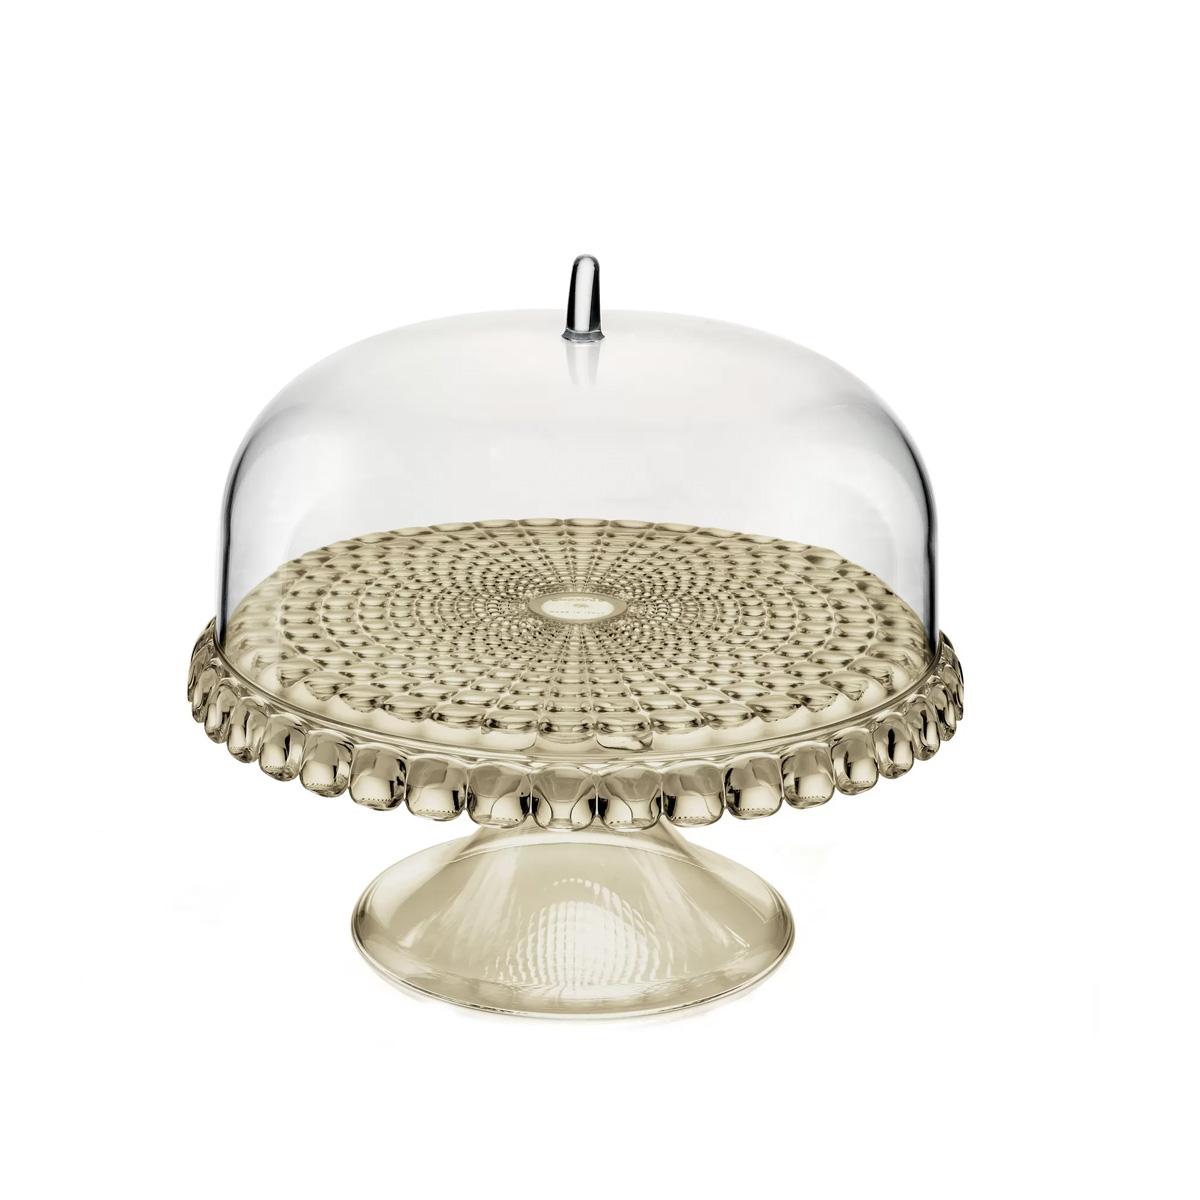 Zvono za tortu Tiffany 1994.01.39